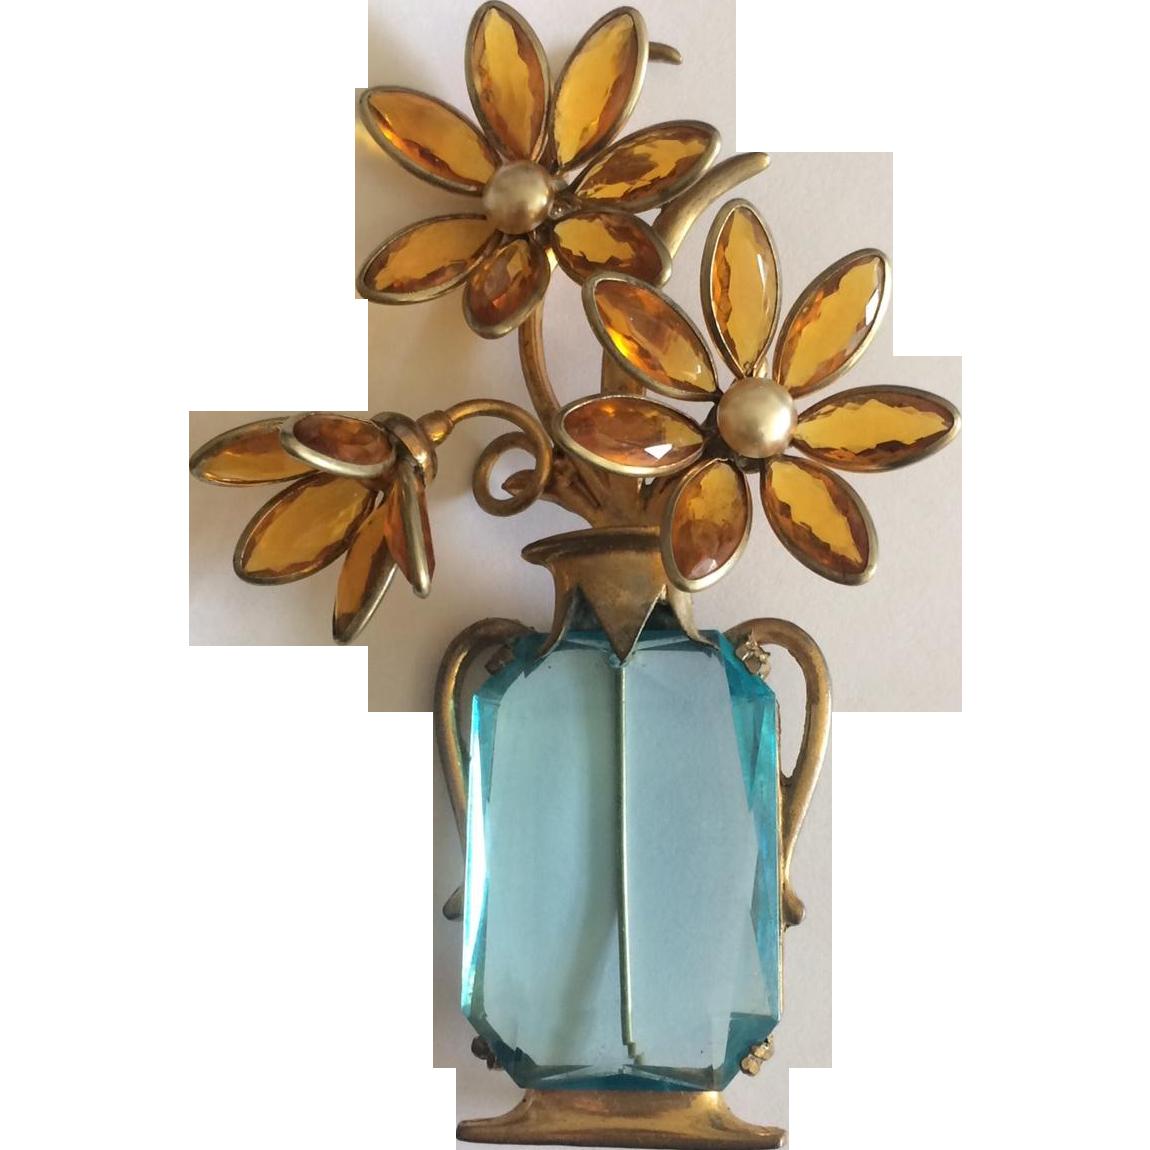 Golden Flowers in an Aqua Vase Pin